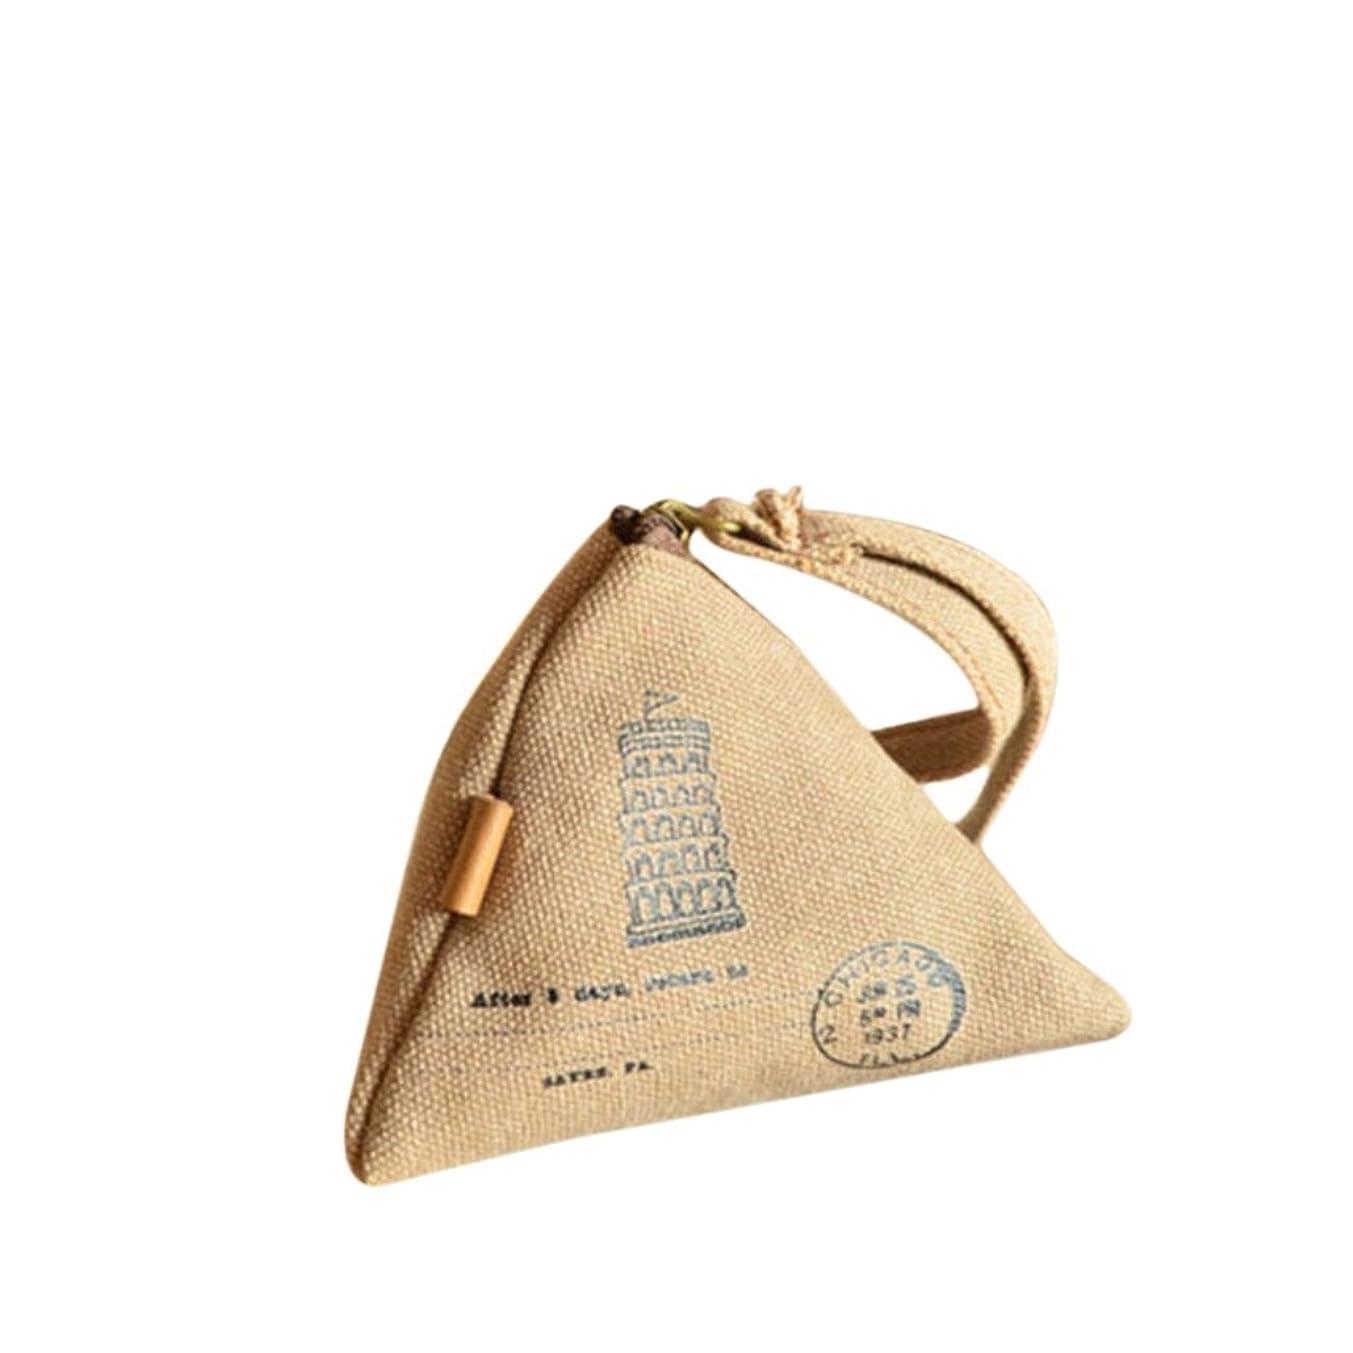 第パットきゅうりMARUIKAO 小銭入れ 収納ポーチ 学生 小物入れ 整理 ペンバッグ 鉛筆ケース コイン財布 カバン 旅行 粽形 可愛い 全3種柄選べる